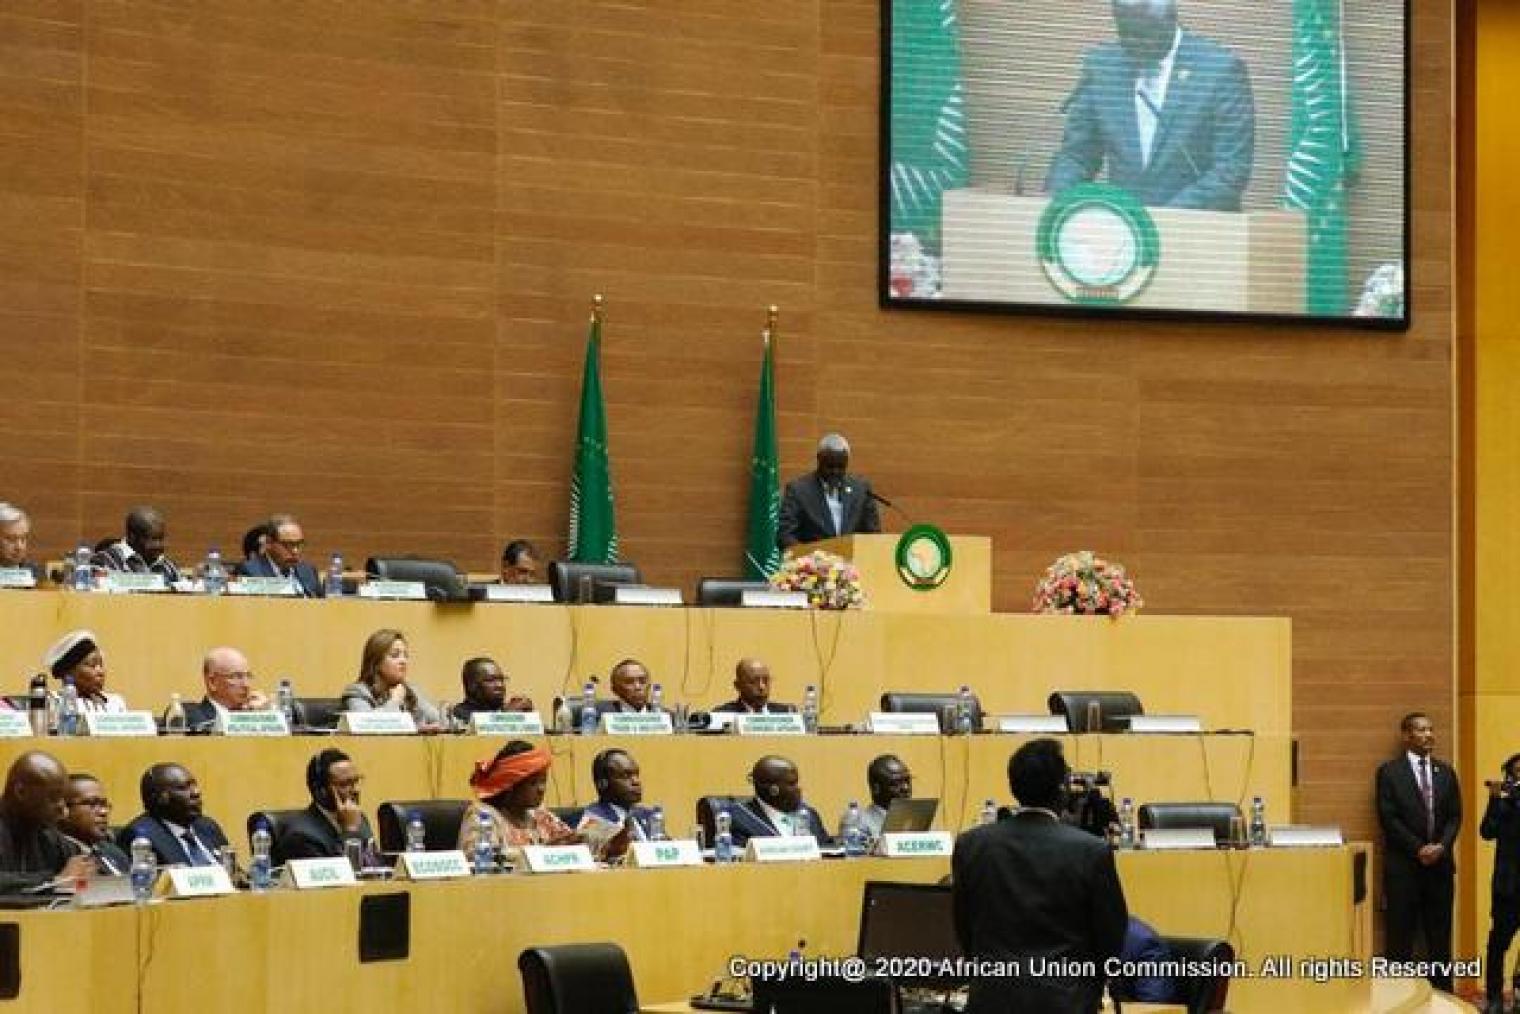 33esima sessione ordinaria dell'Unione Africana